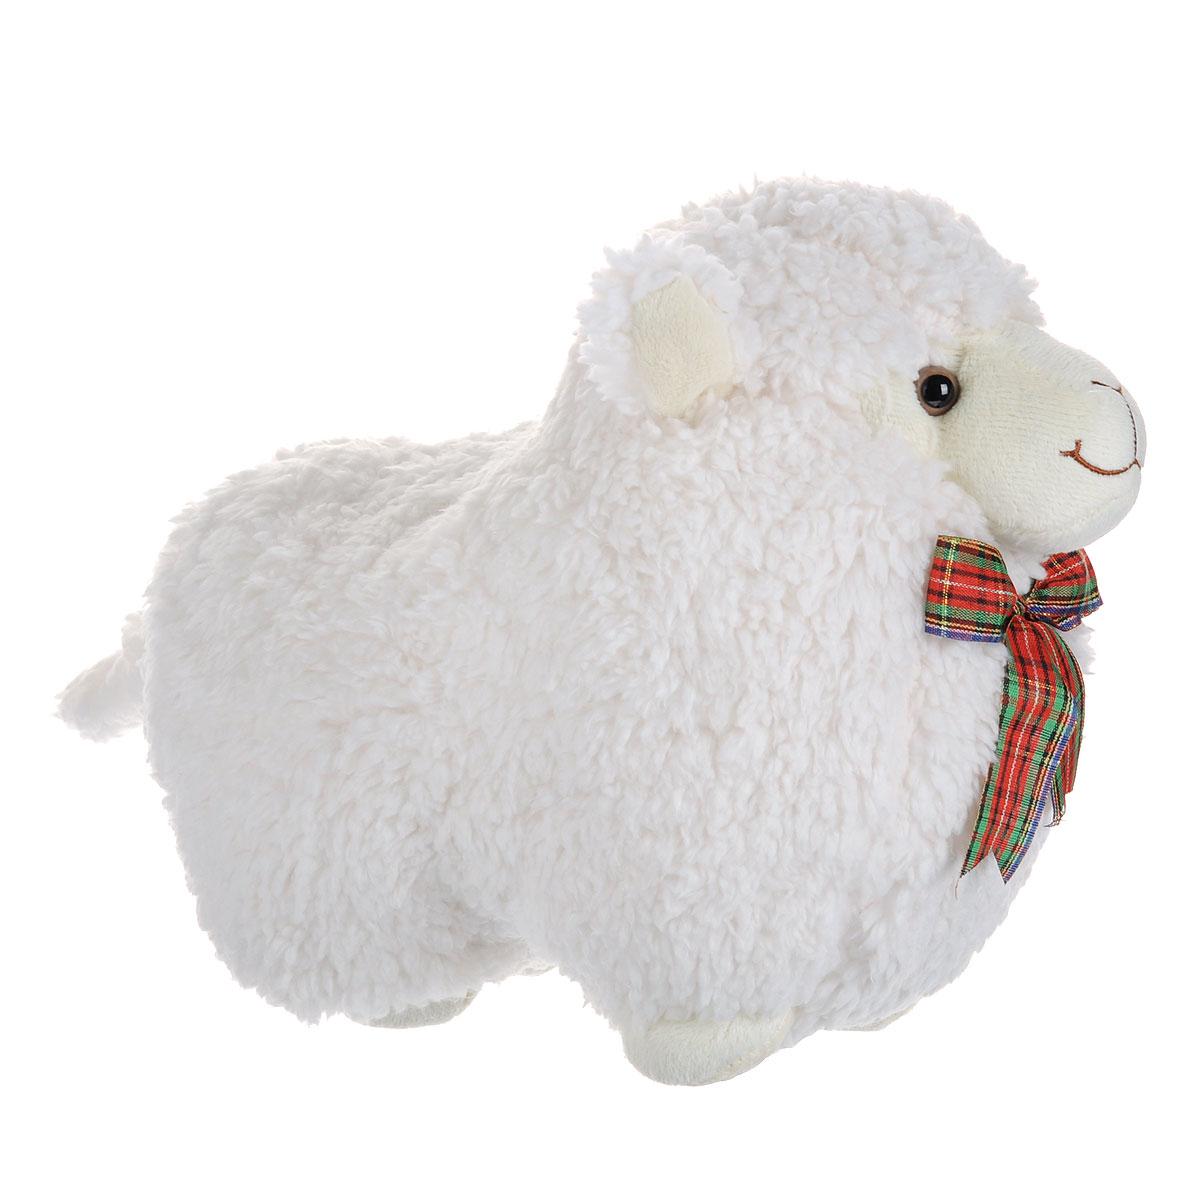 Мягкая игрушка Fancy Овечка Долли, 31 см fancy мягкая игрушка собака эля 14 5 см